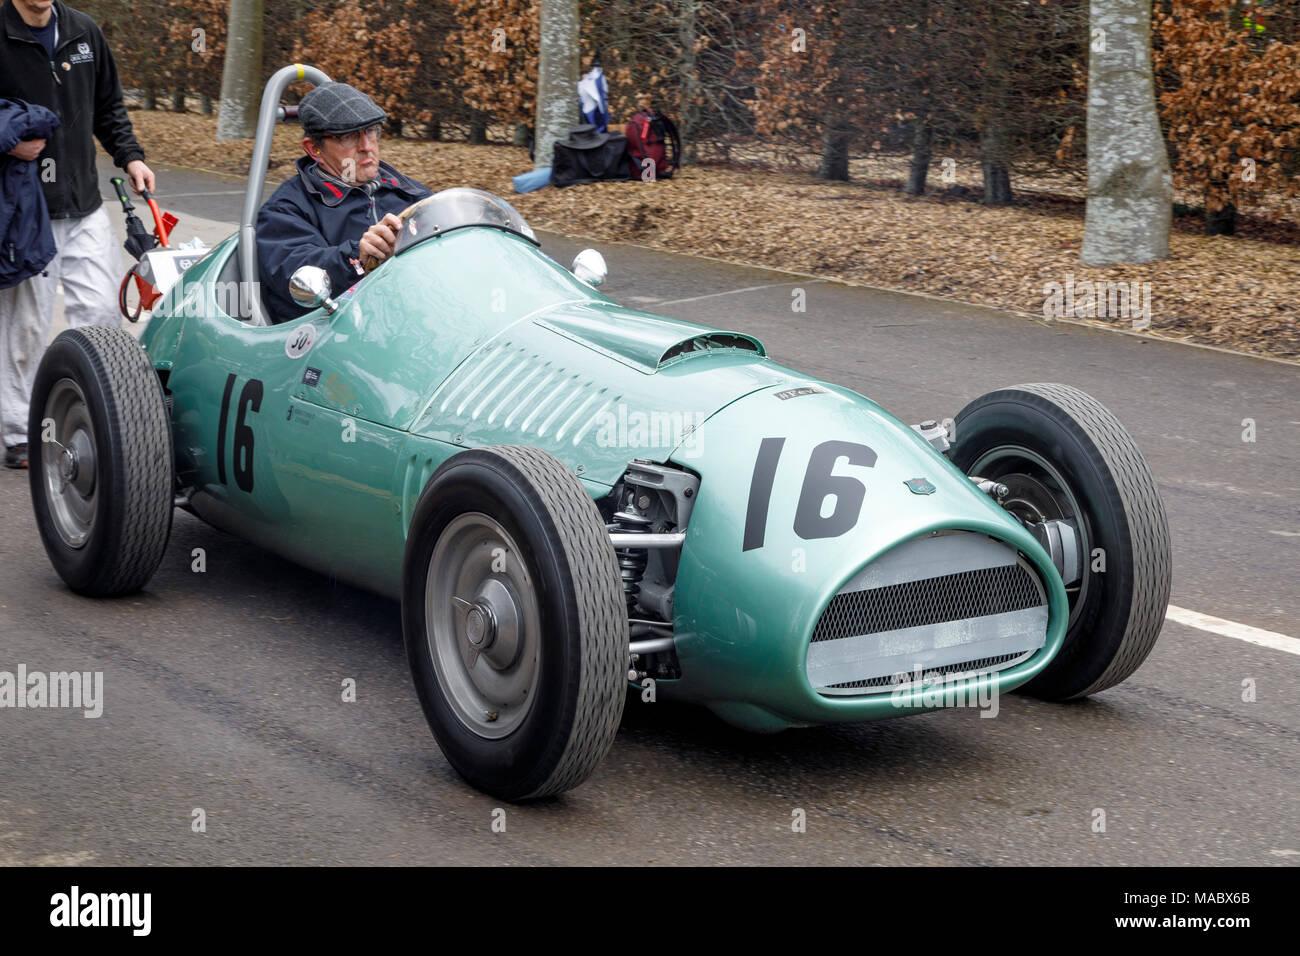 1954 Kieft-Climax GP, Hawthorne Trophy Teilnehmer, bewegt sich durch das Fahrerlager in Goodwood 76th Mitgliederversammlung, Sussex, UK. Stockbild